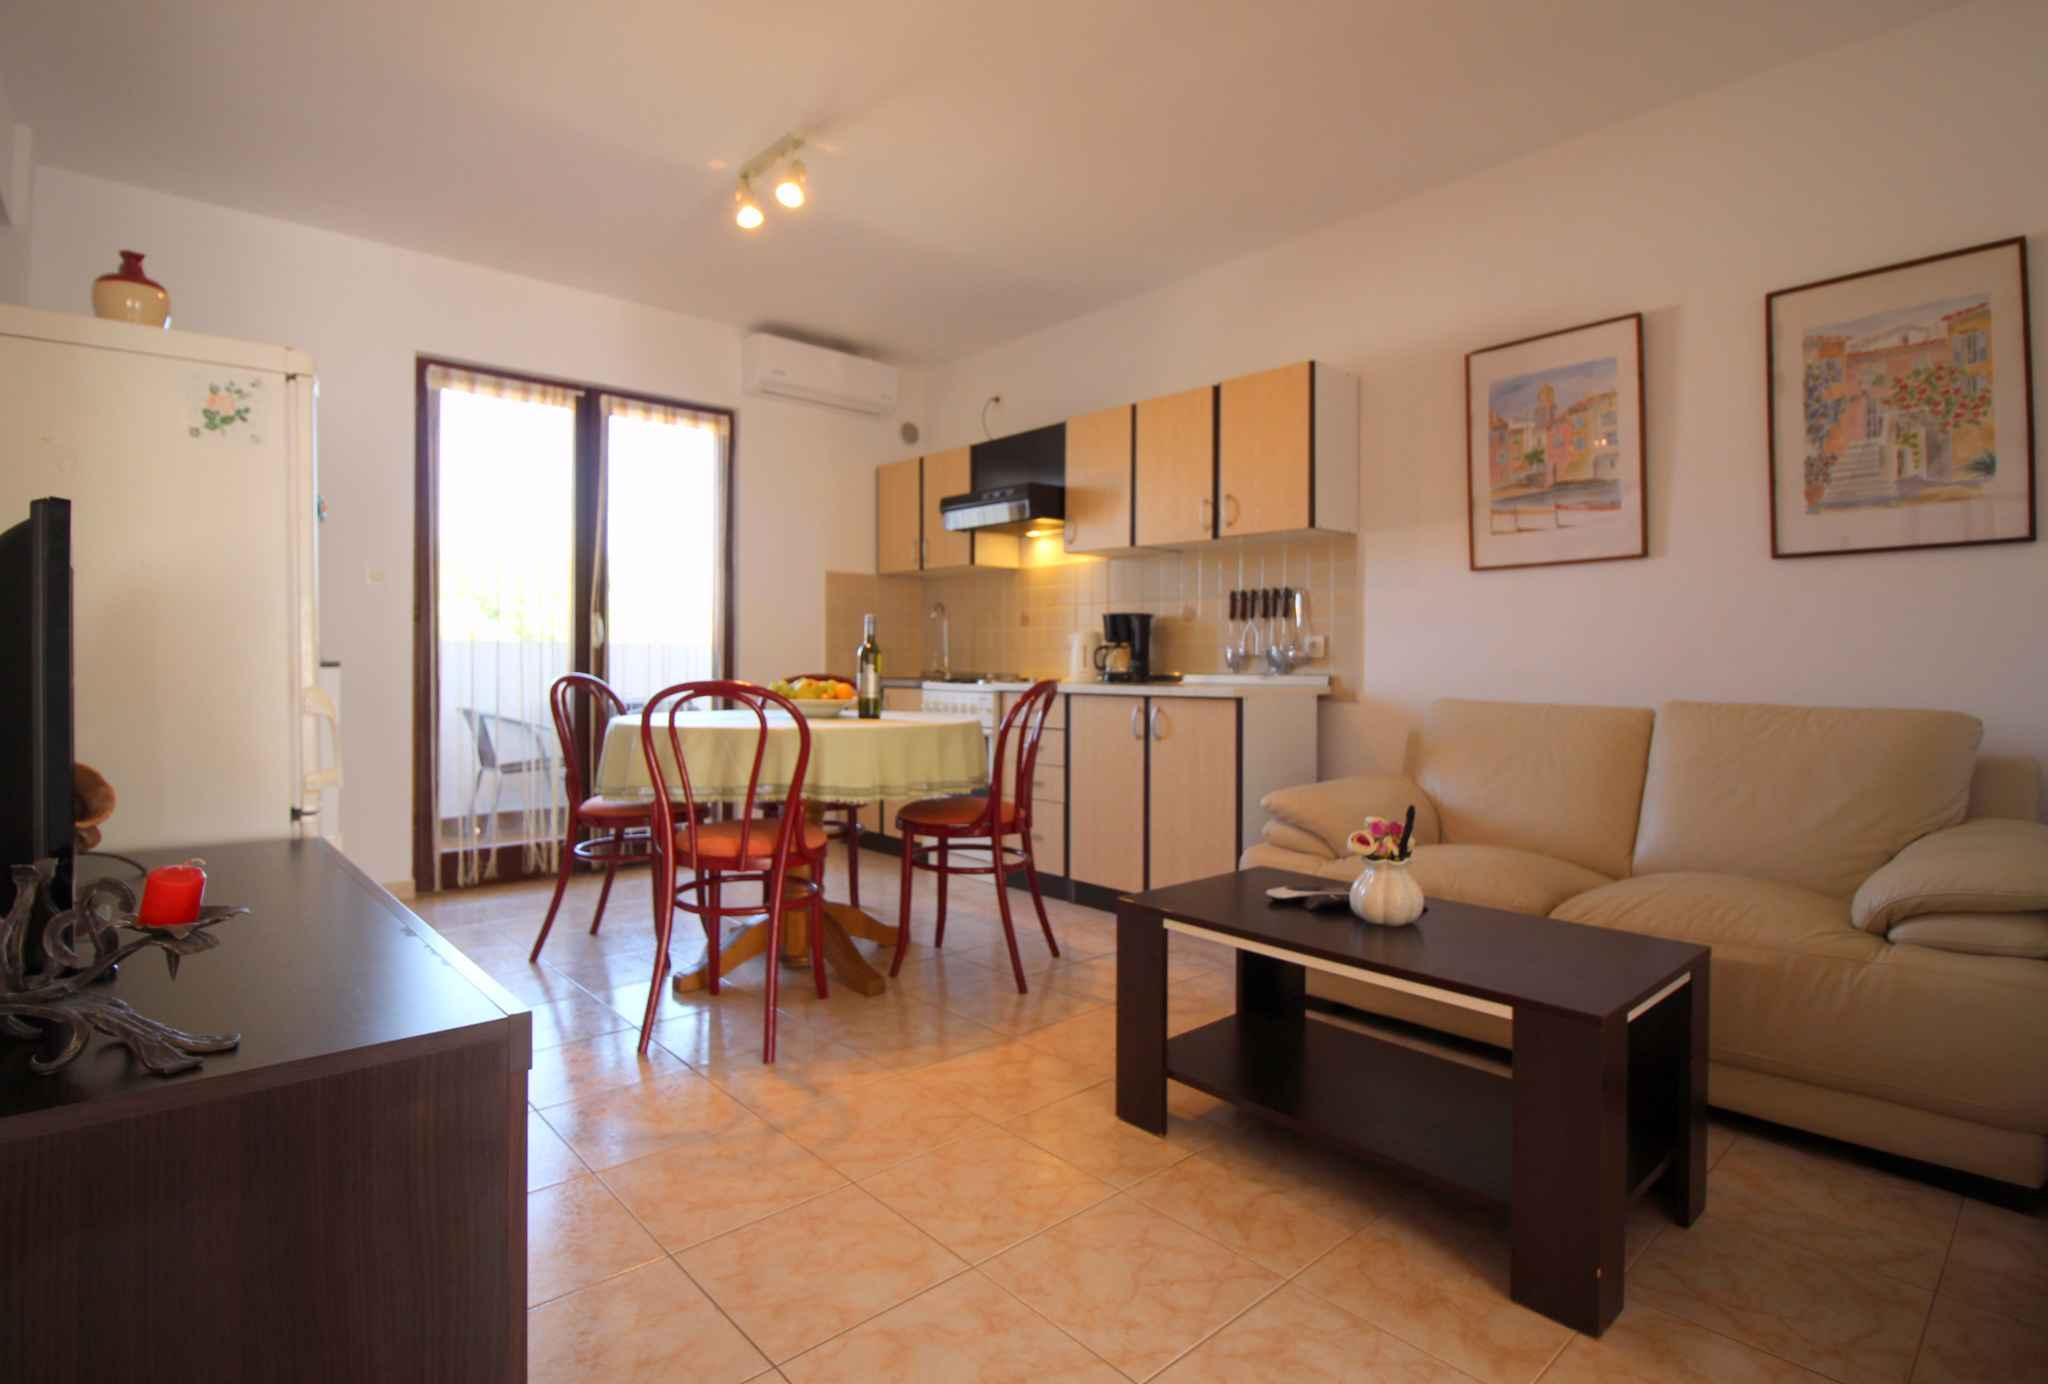 Ferienwohnung in der Nähe der Altstadt (280262), Porec, , Istrien, Kroatien, Bild 8